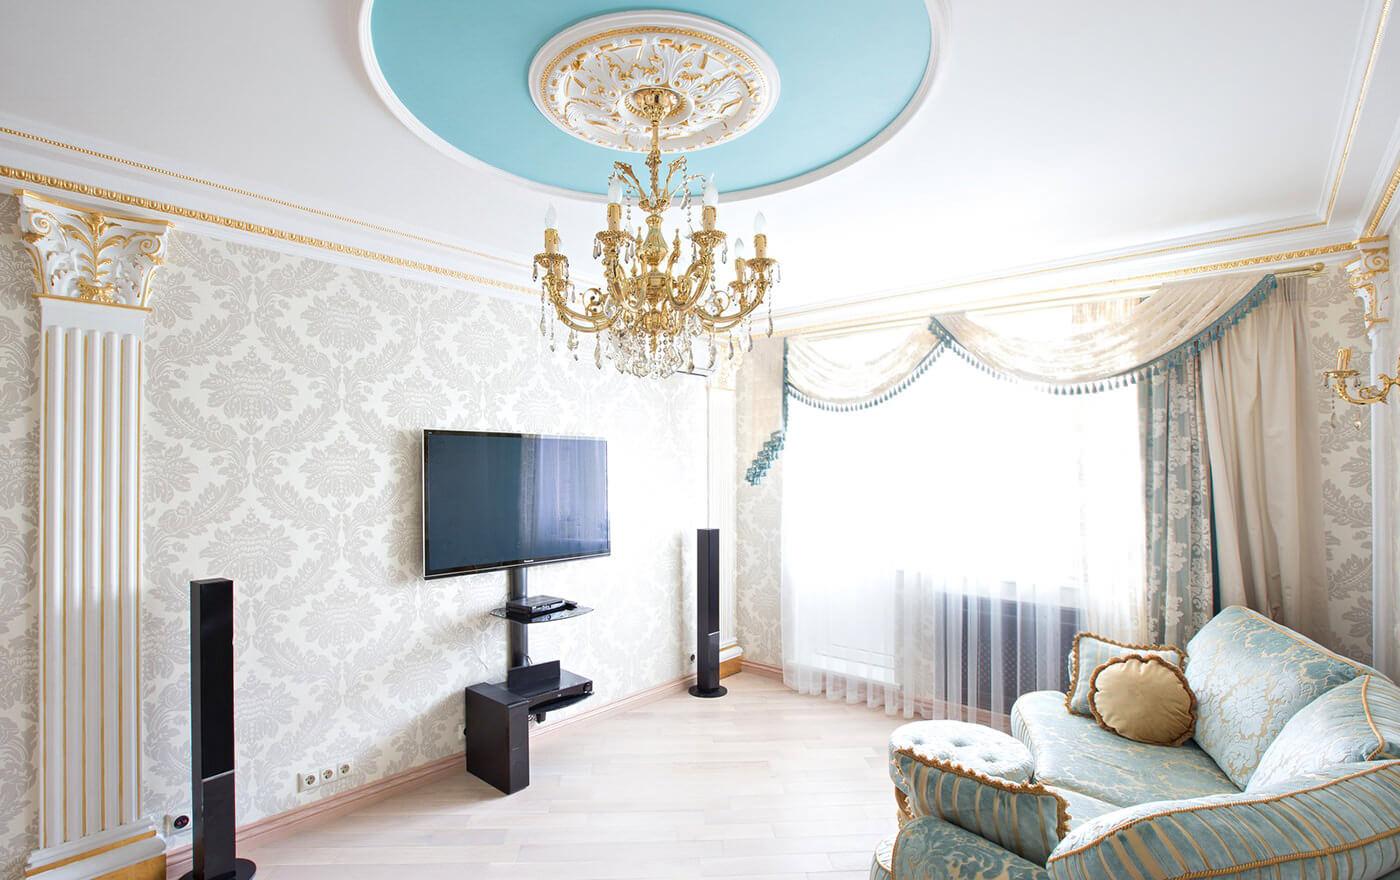 Белые обои в интерьере гостиной в классическом стиле